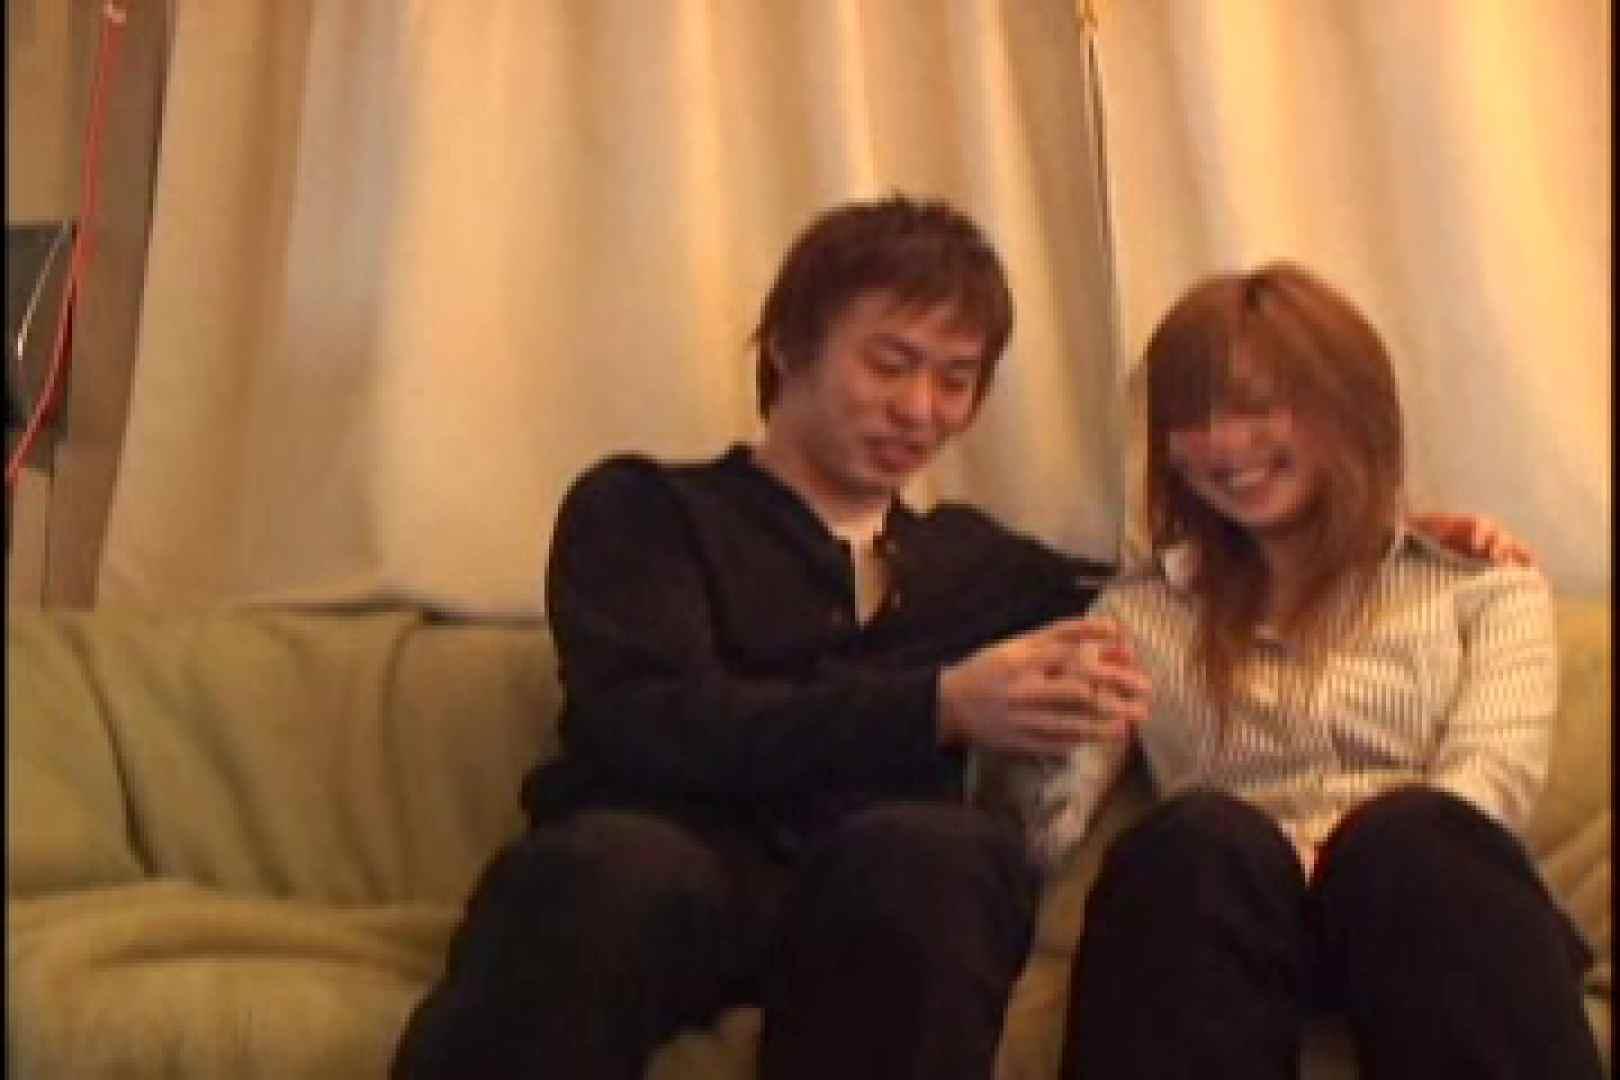 BEST OF イケメン!!男目線のガチSEX vol.03(対女性作品) 対女性 ゲイヌード画像 55pic 18